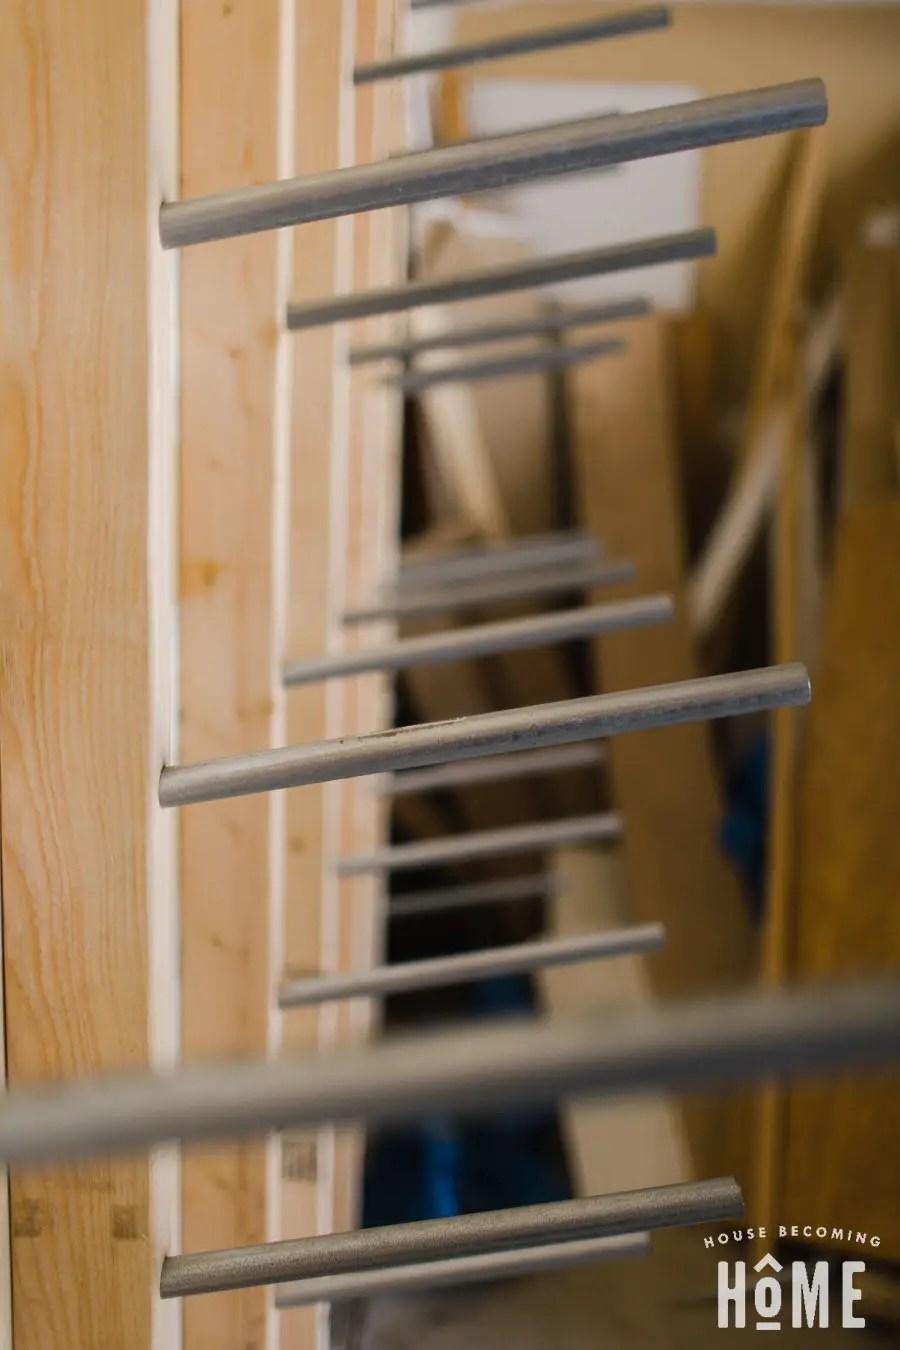 Close Up of Conduit in DIY Lumber Rack